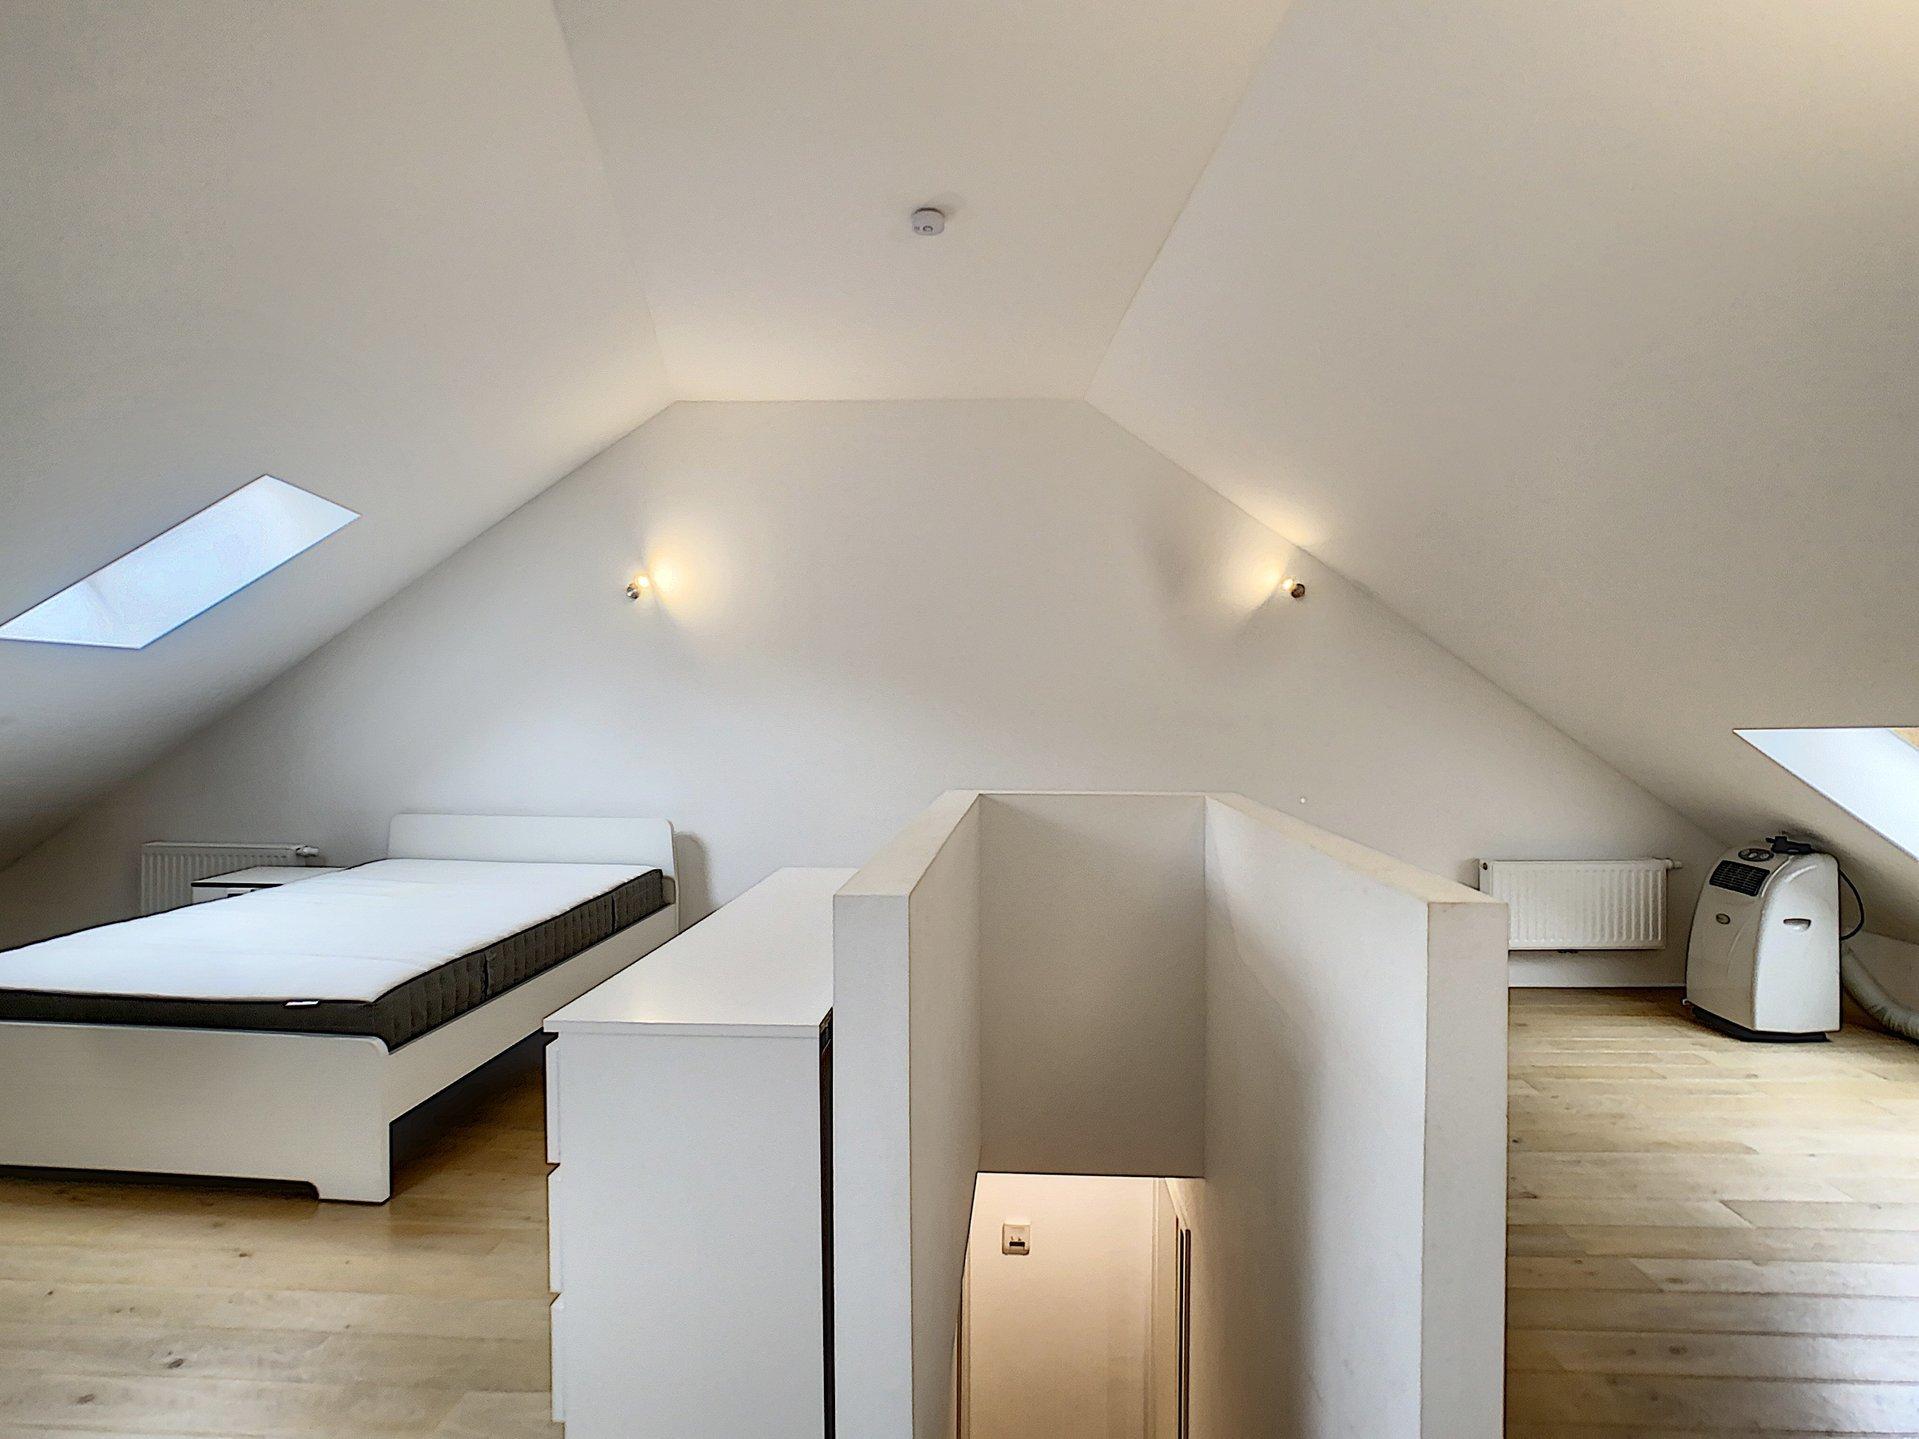 Maison 4 chambres à vendre à Luxembourg-Ville